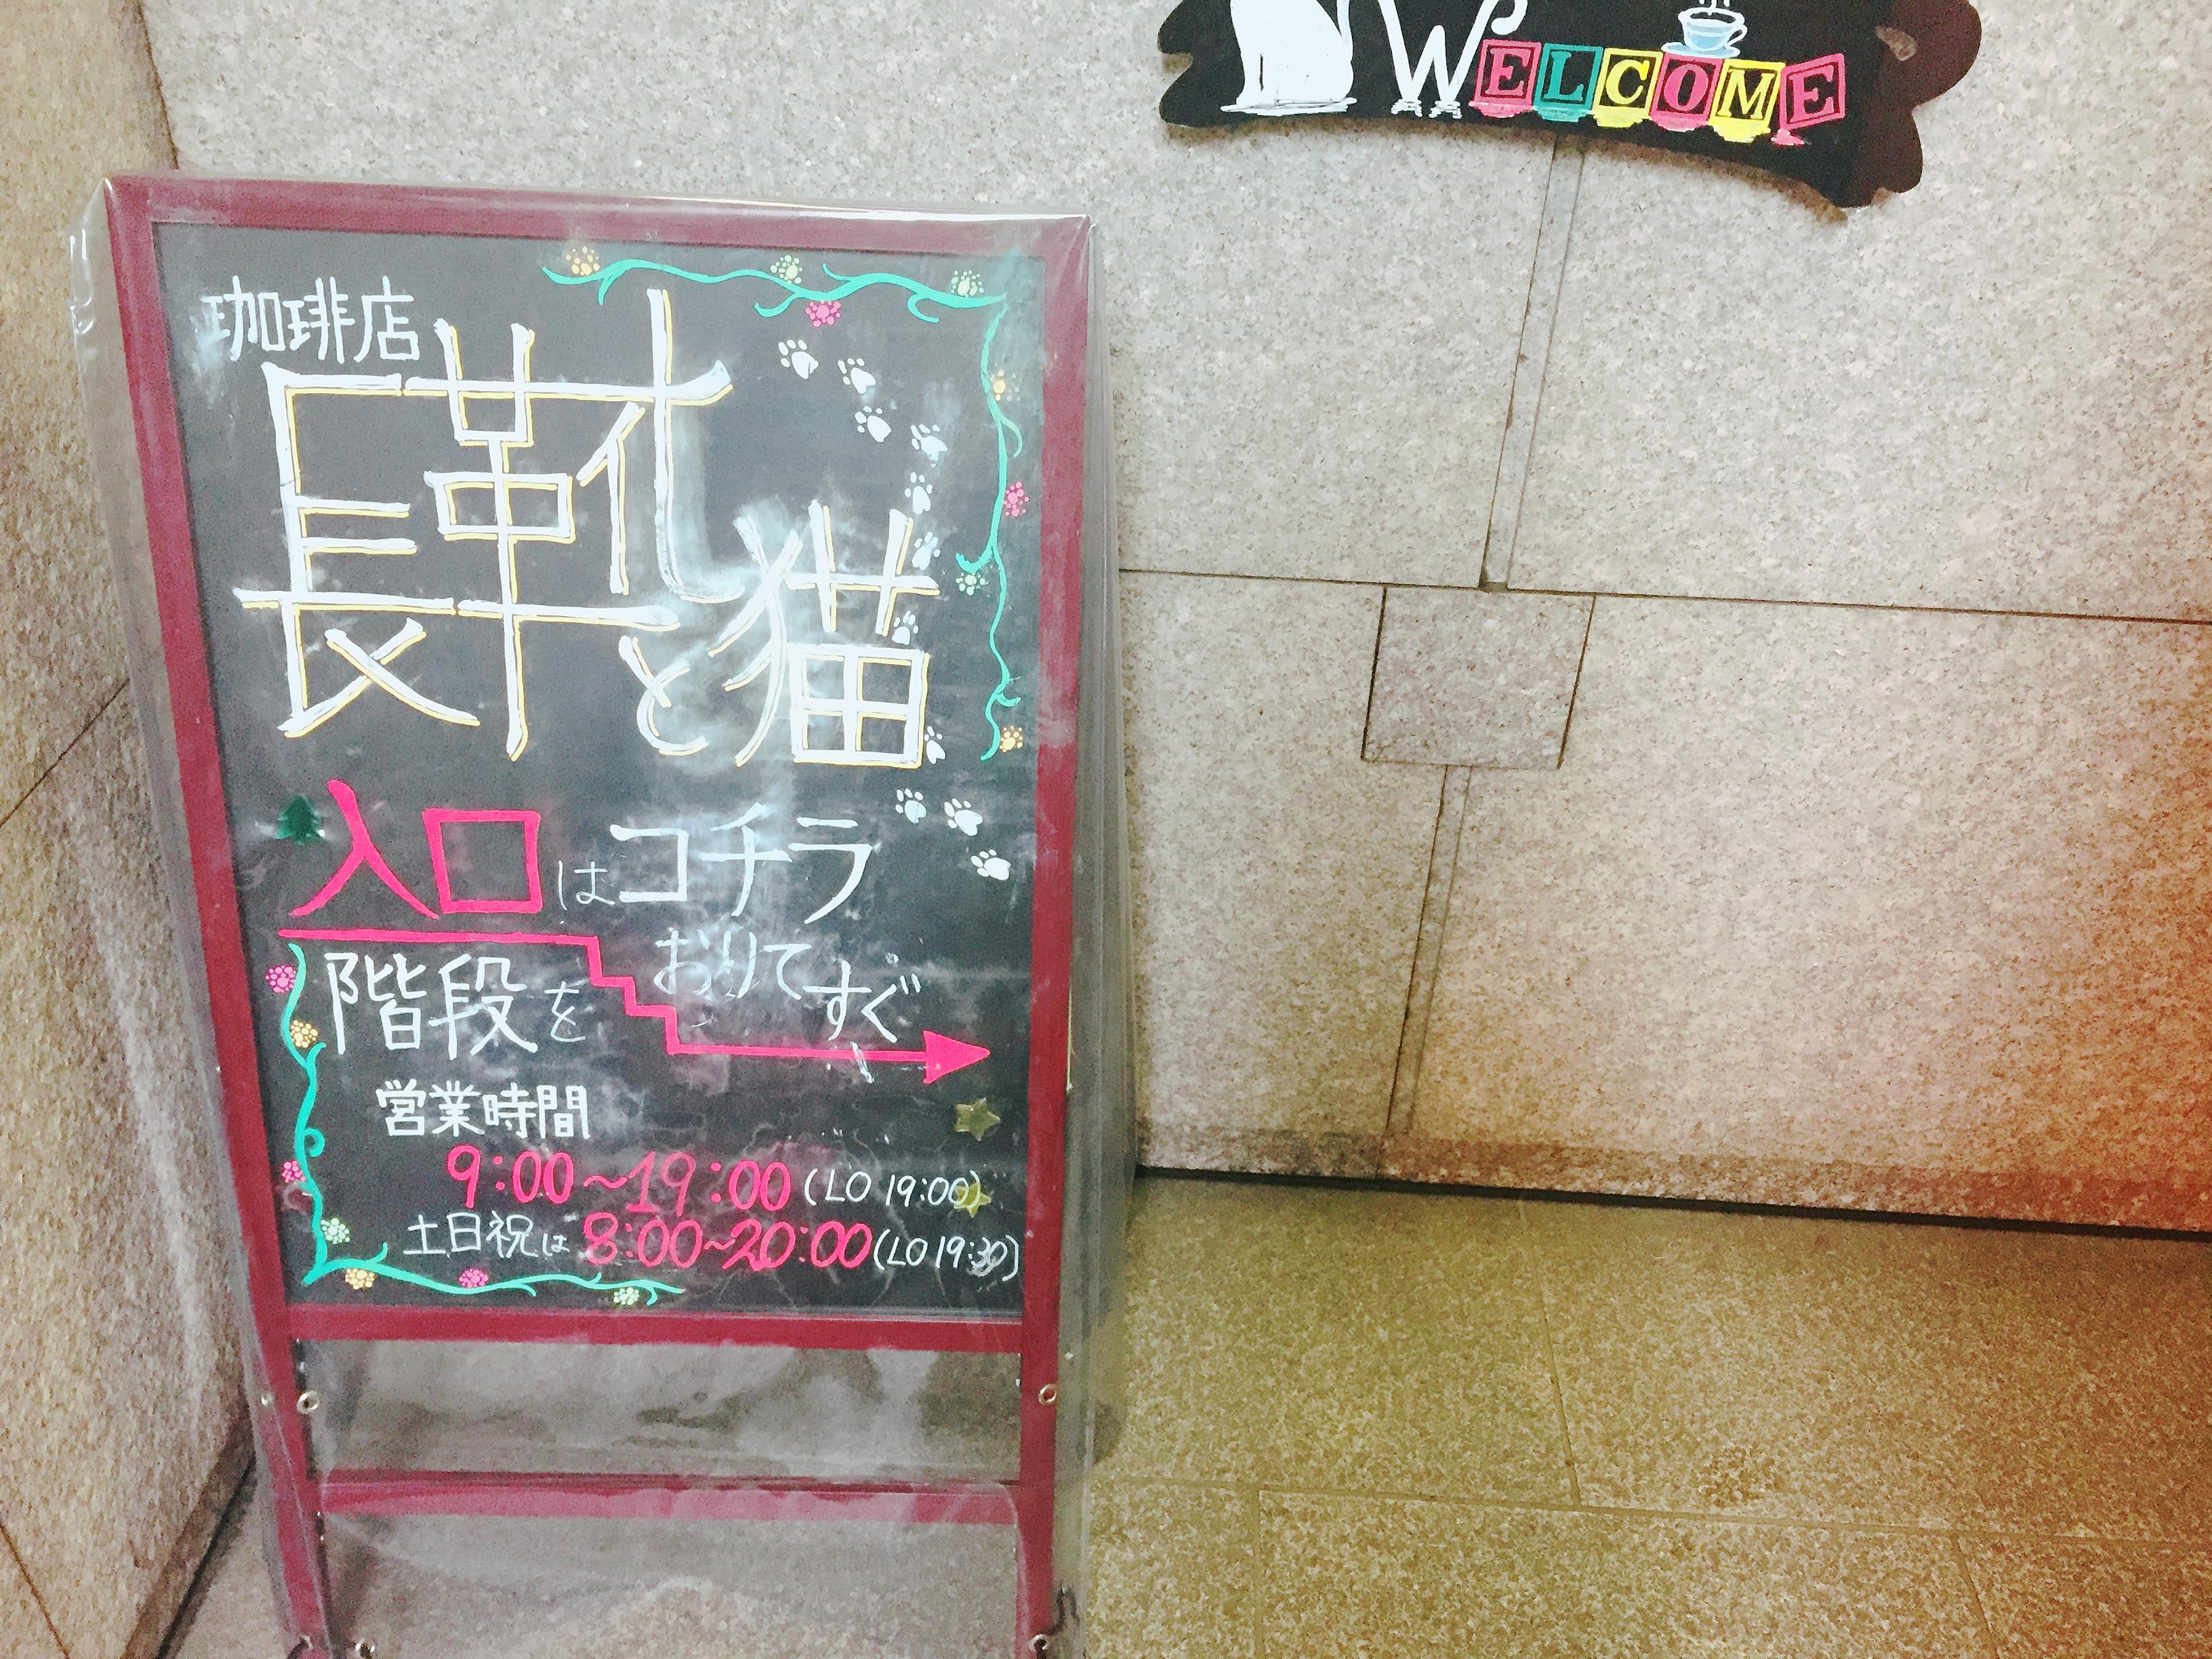 店内いっぱいに広がるおとぎ話の世界!珈琲店「長靴と猫」で優雅なランチタイムを - IMG 6542